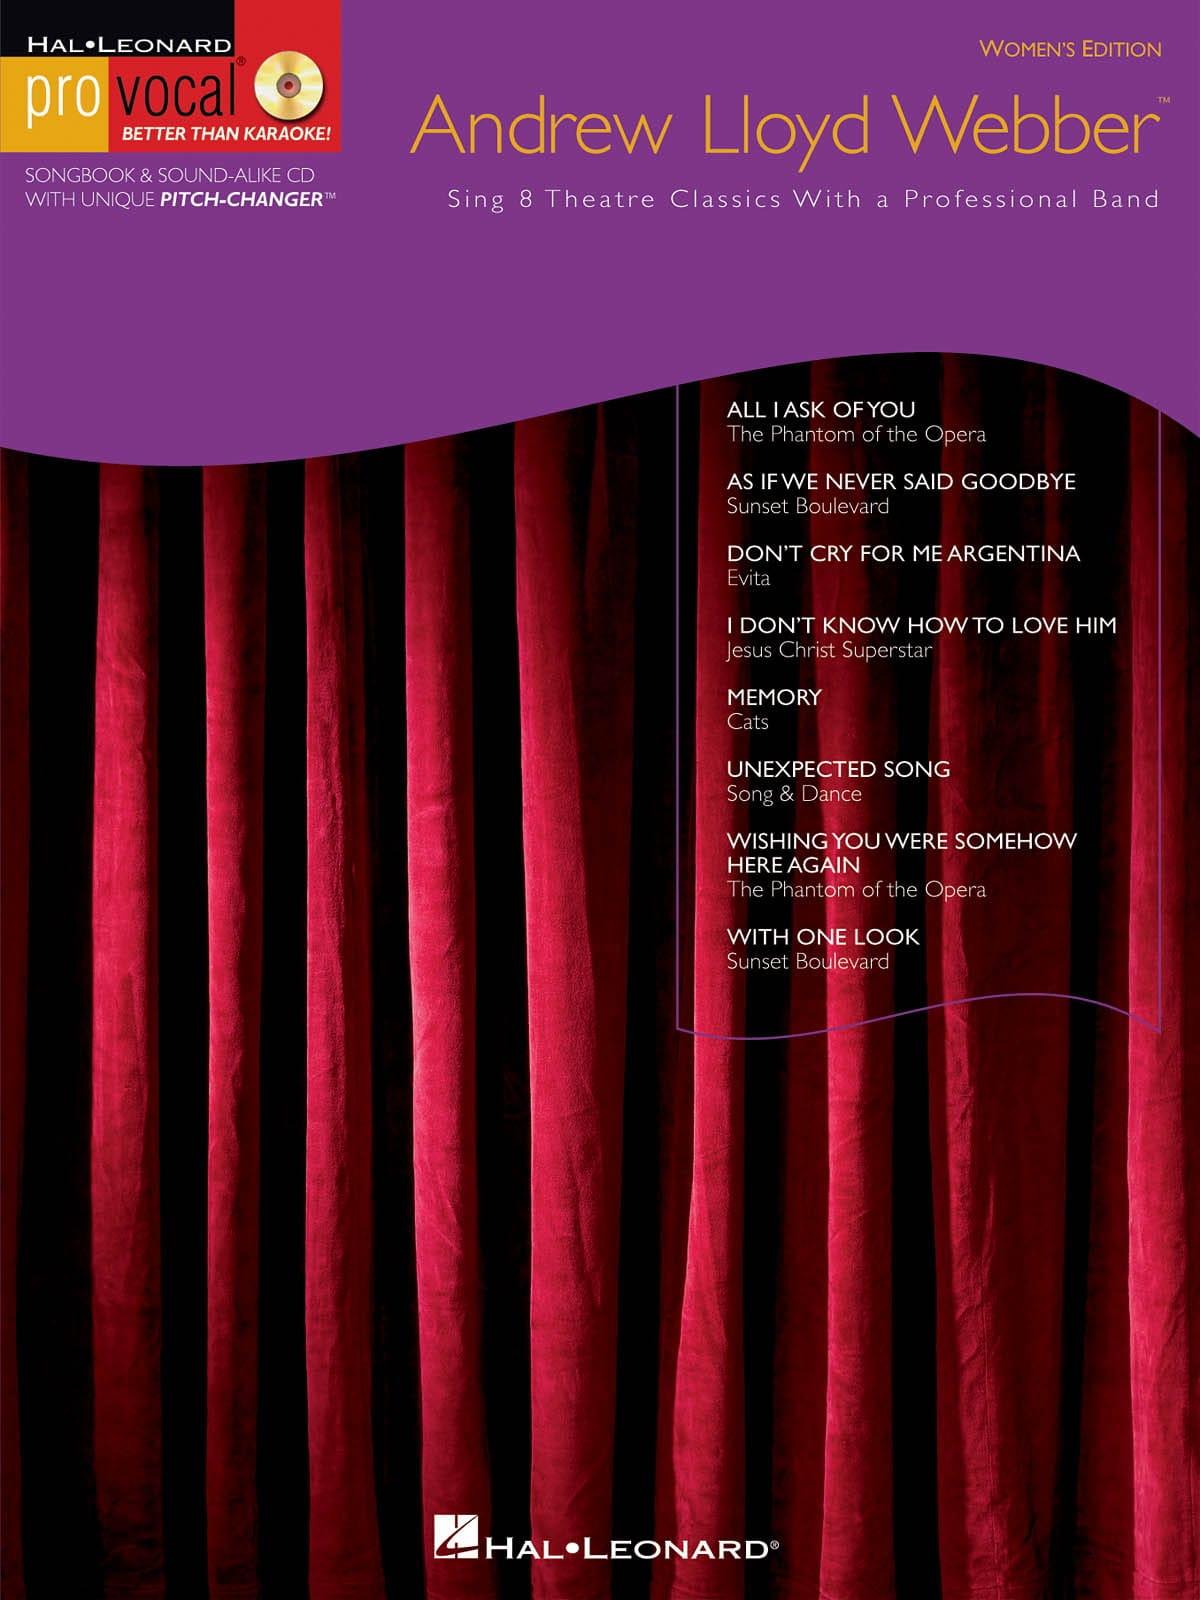 Andrew Lloyd Webber - Edición Pro Vocal para Mujeres Volumen 10 - Andrew Lloyd Weber - Partition - di-arezzo.es